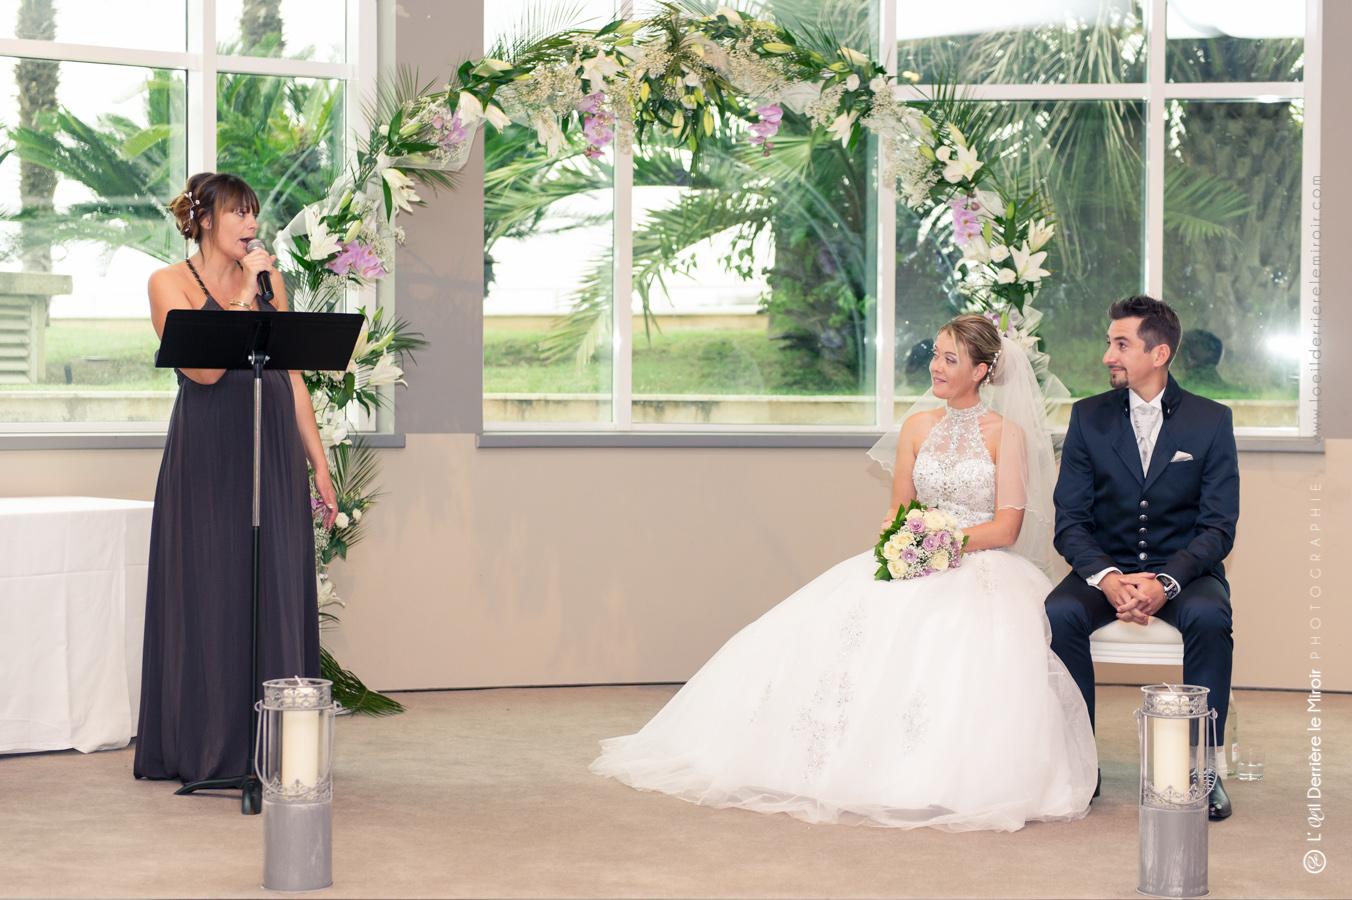 Photographe-mariage-monaco-loeilderrierelemiroir-046